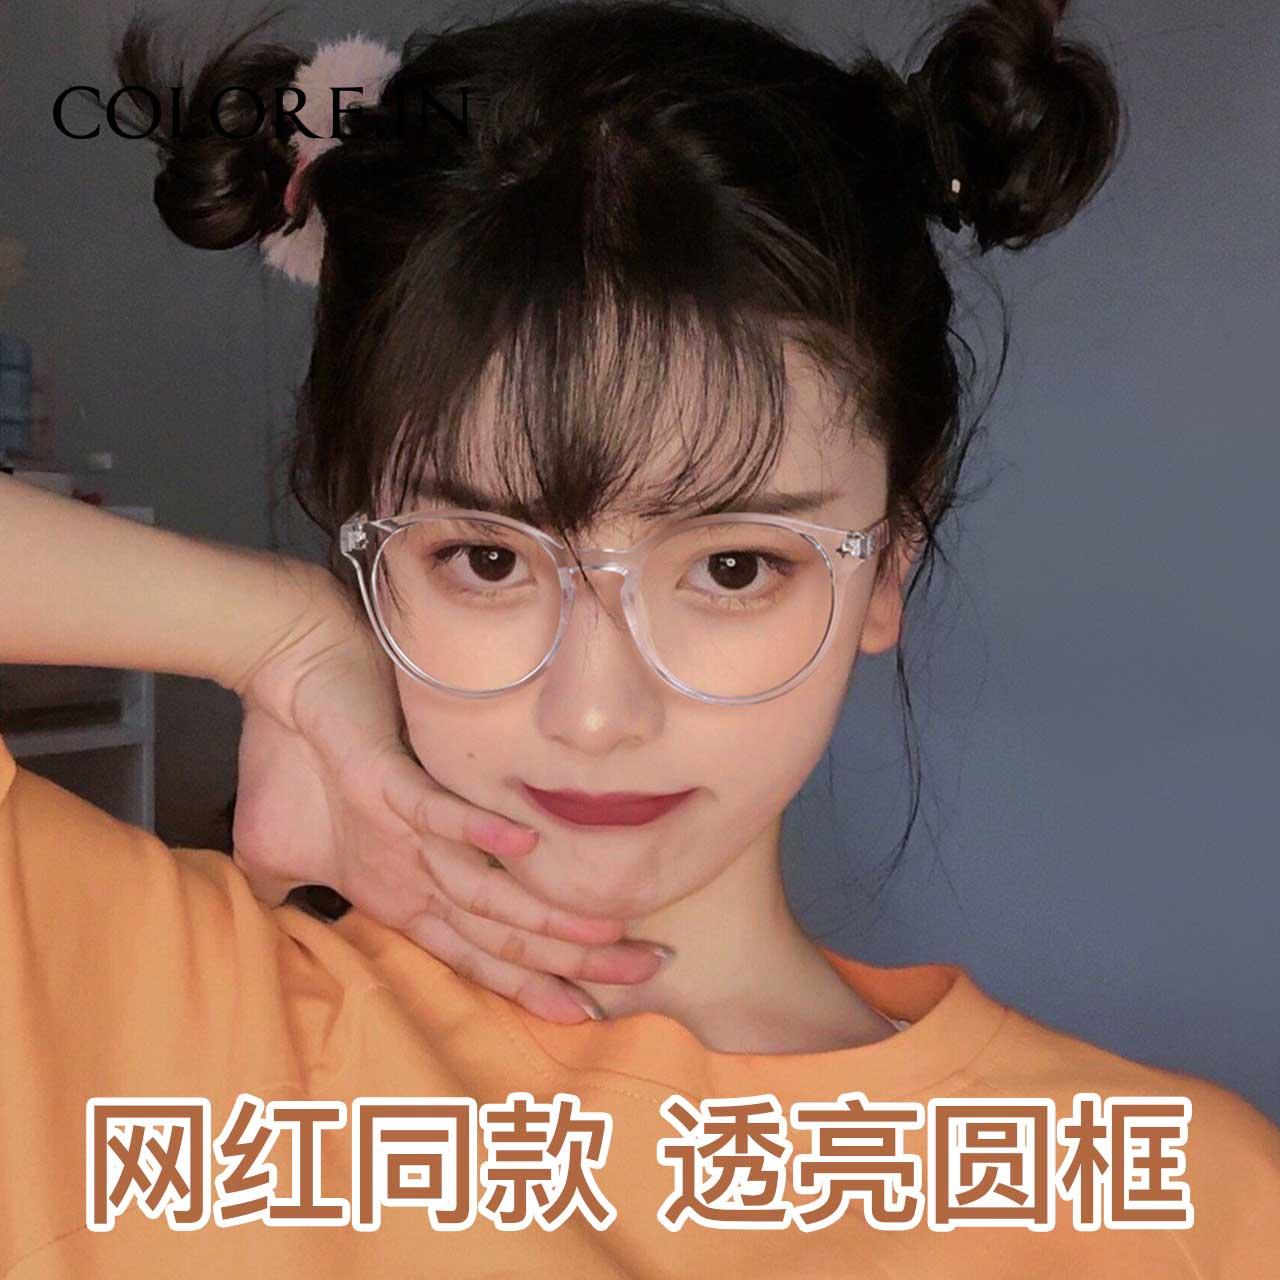 透明近视眼镜框女素颜网红款大脸显瘦可配光学眼镜架ins韩版潮男